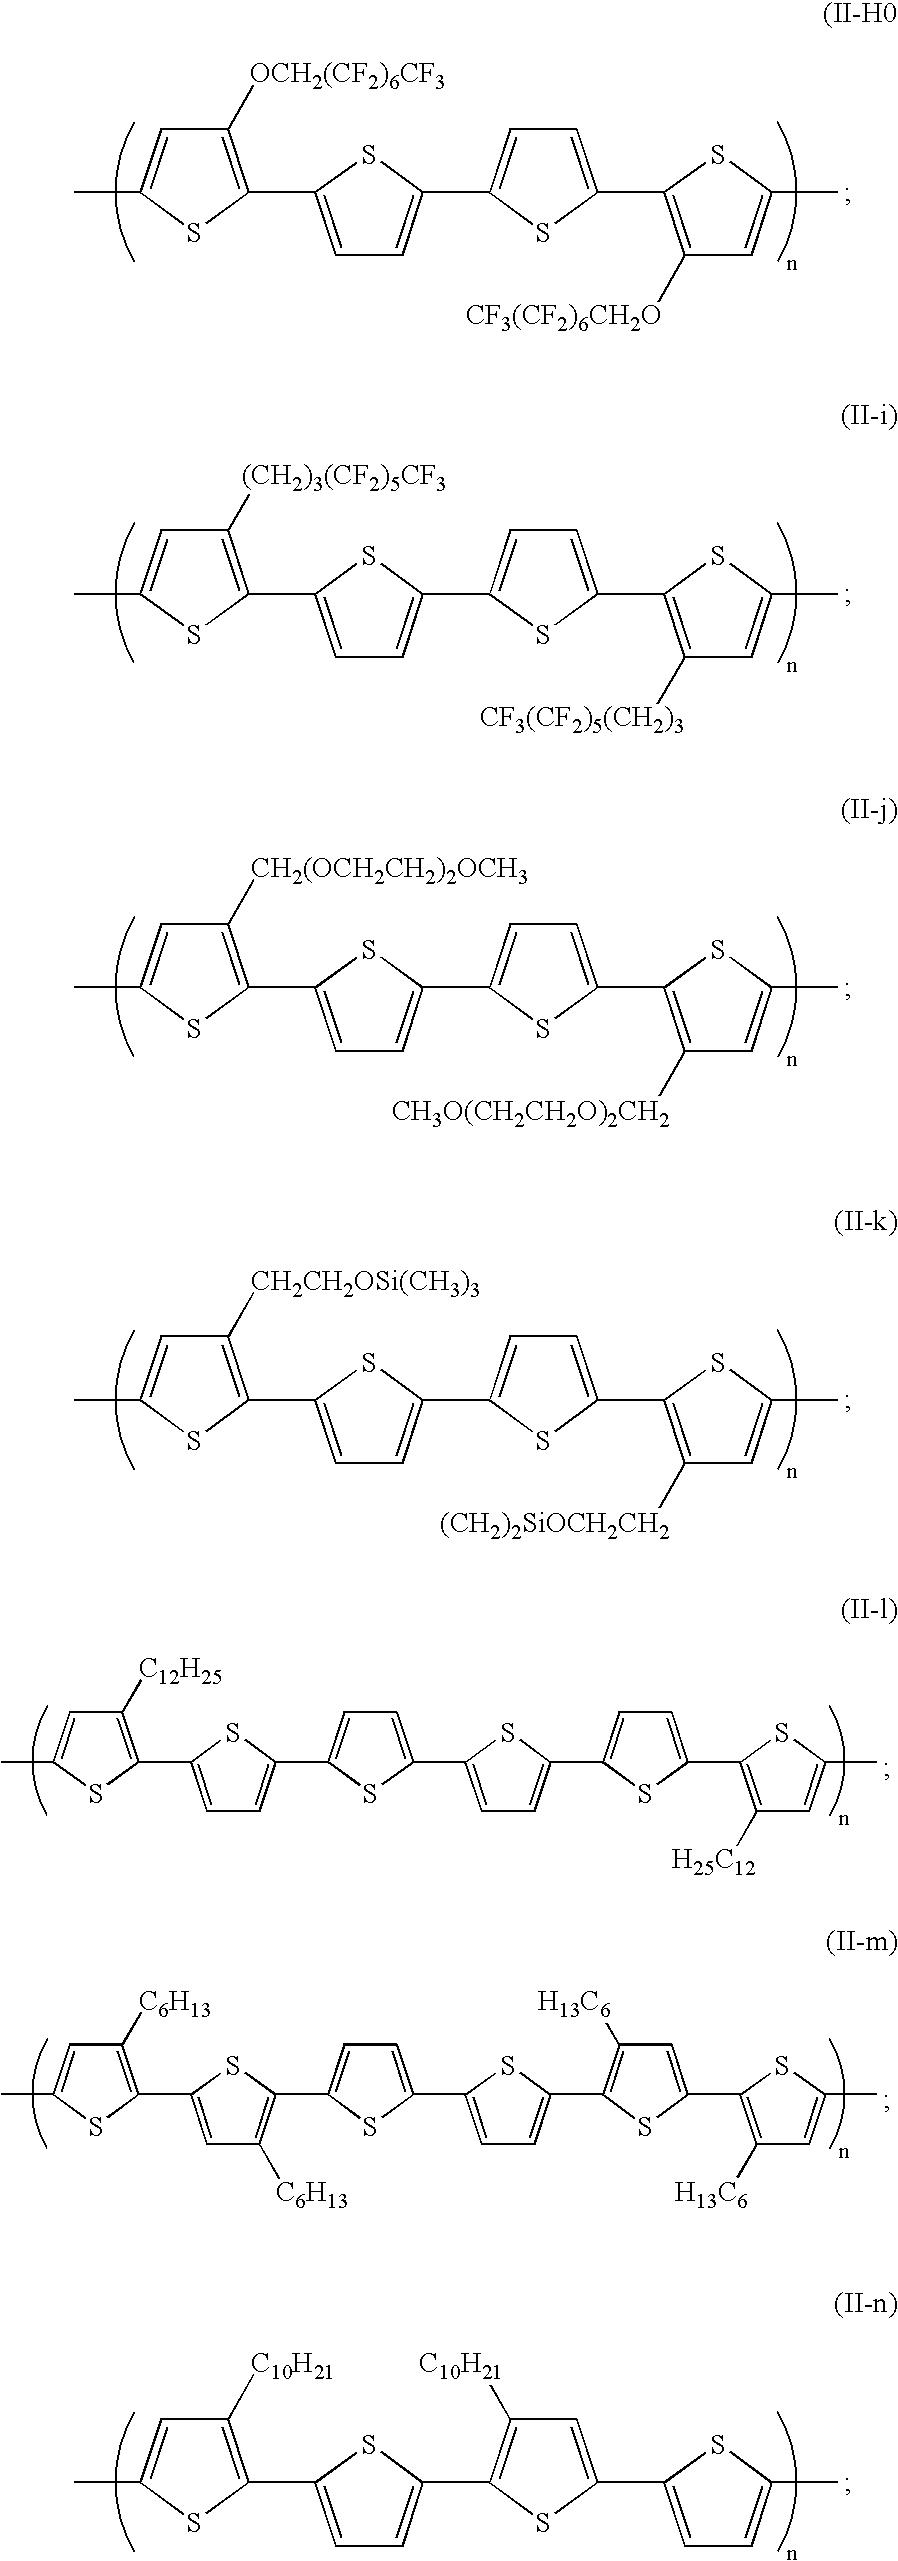 Figure US20050017311A1-20050127-C00005